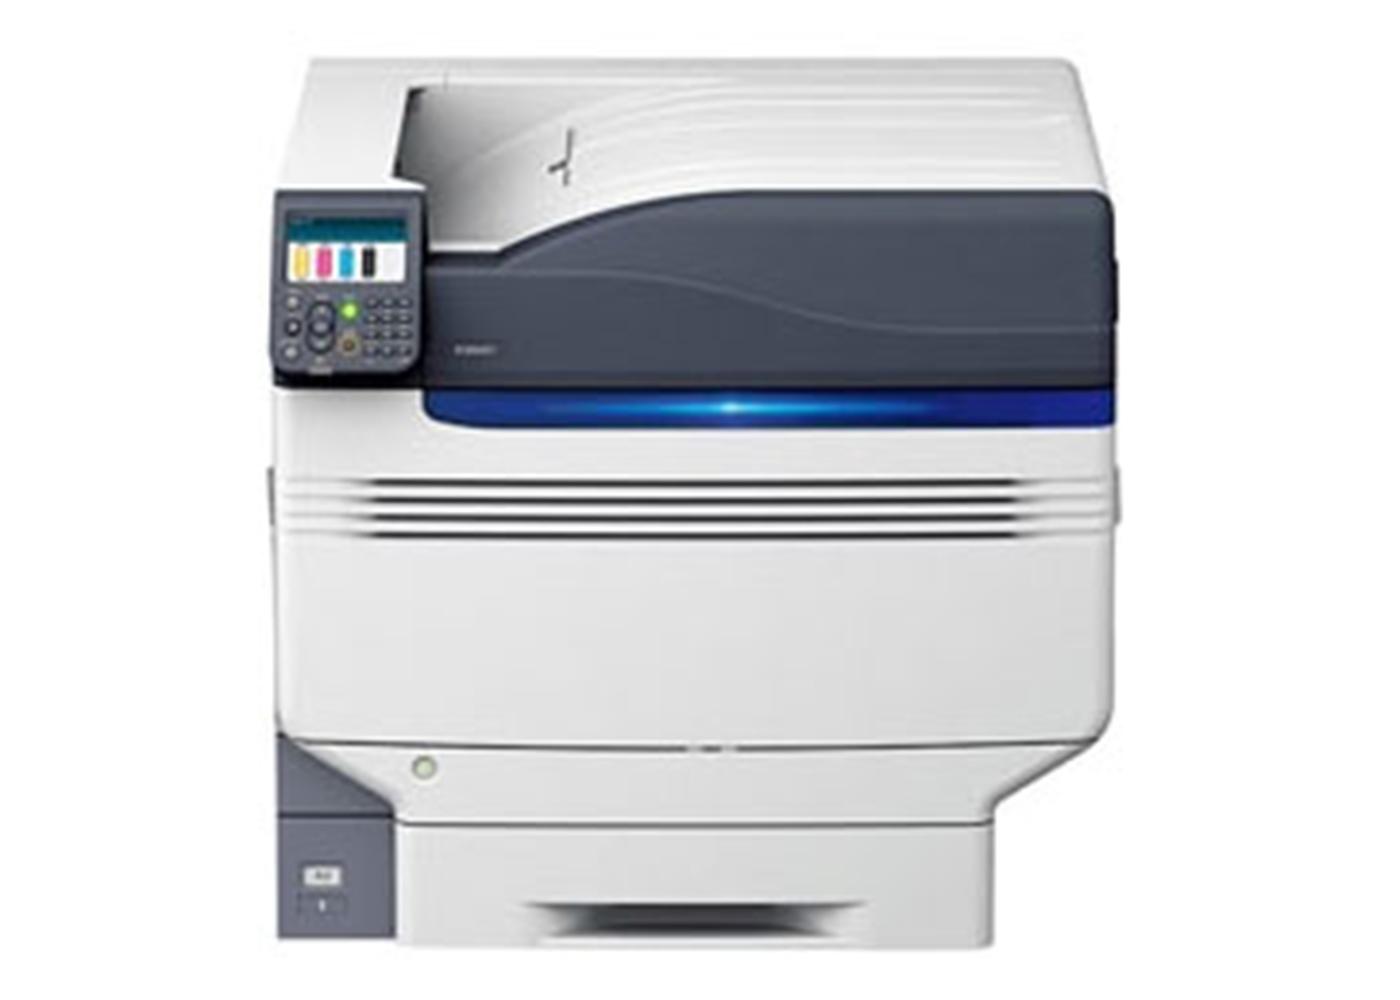 S94 吊牌厚纸打印机